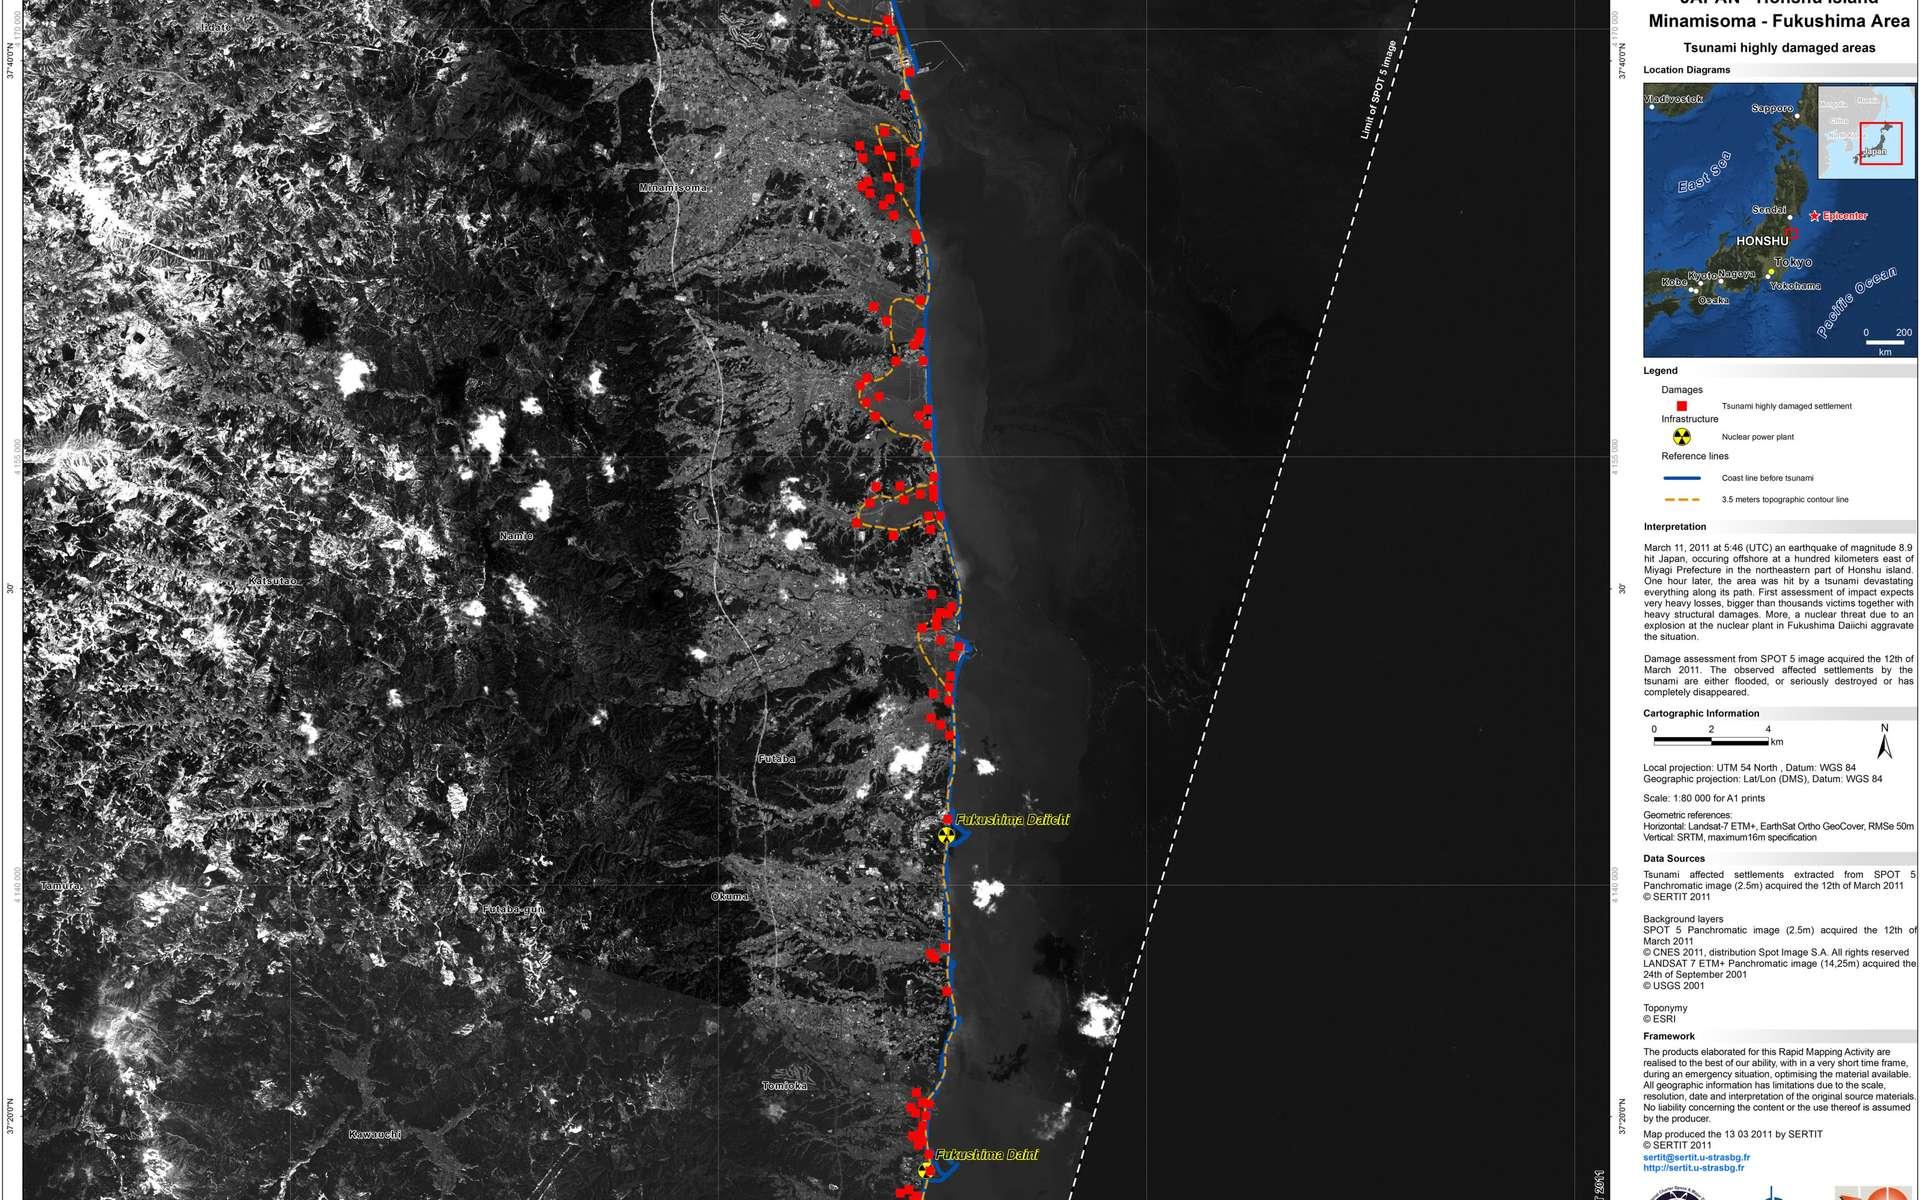 Image prise par Spot-5 le 12 mars 2011 de la région de Fukushima, après le tsunami, et mise en ligne par le Sertit (Service régional de traitement d'image et de télédétection). © Sertit